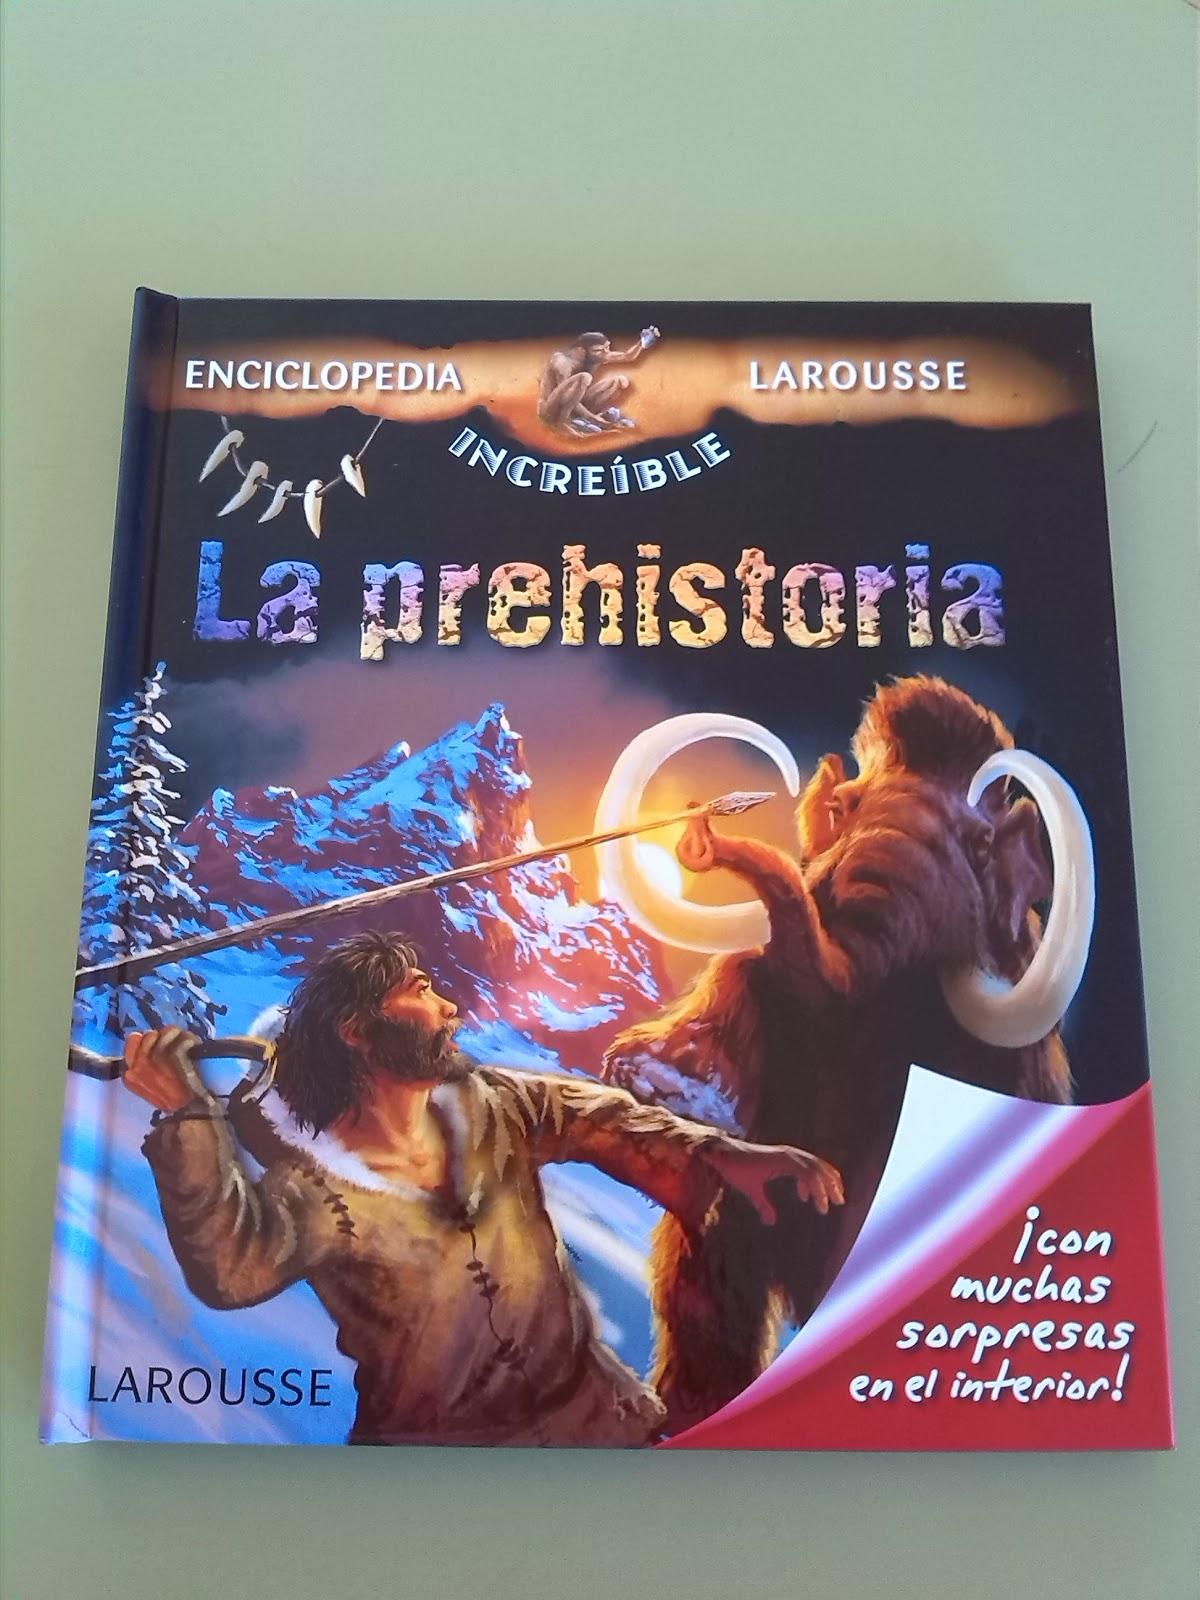 bibliotecadonalvaro: La Prehistoria: La evolución del hombre